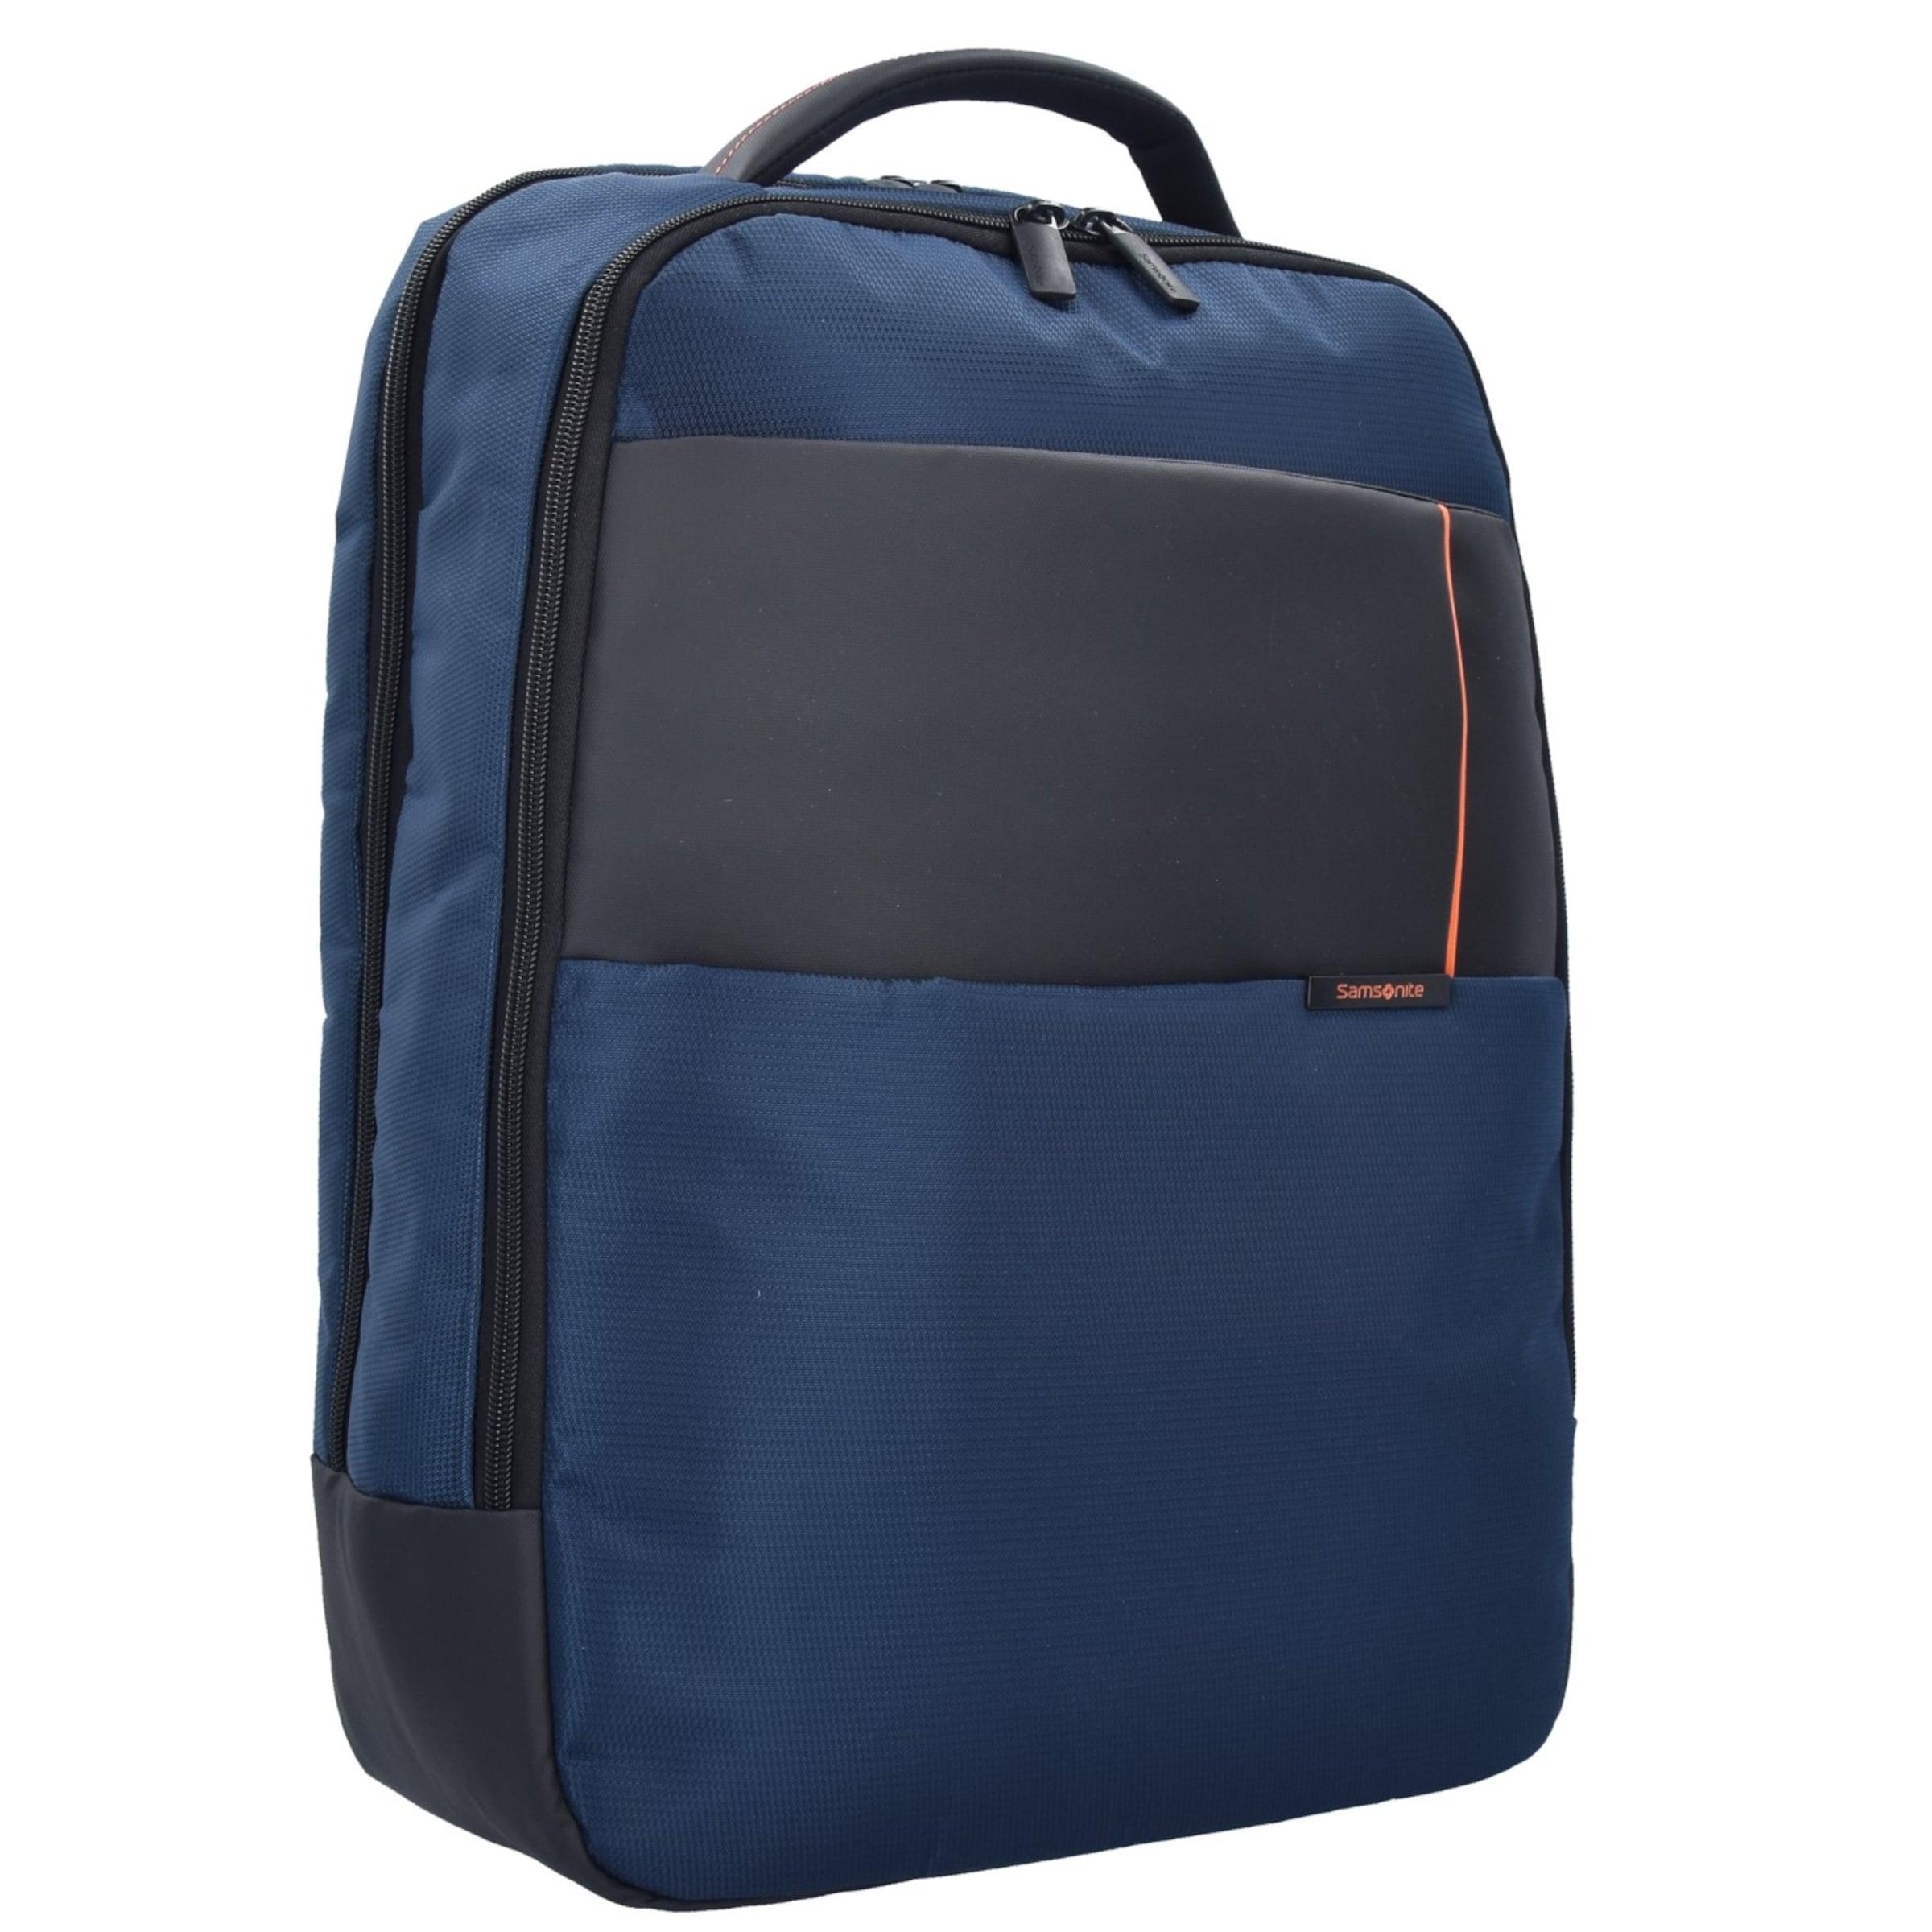 SAMSONITE Qibyte Rucksack 46 cm Laptopfach Bilder Bester Ort Zum Verkauf Besuchen Neue Zbp3ODJx6